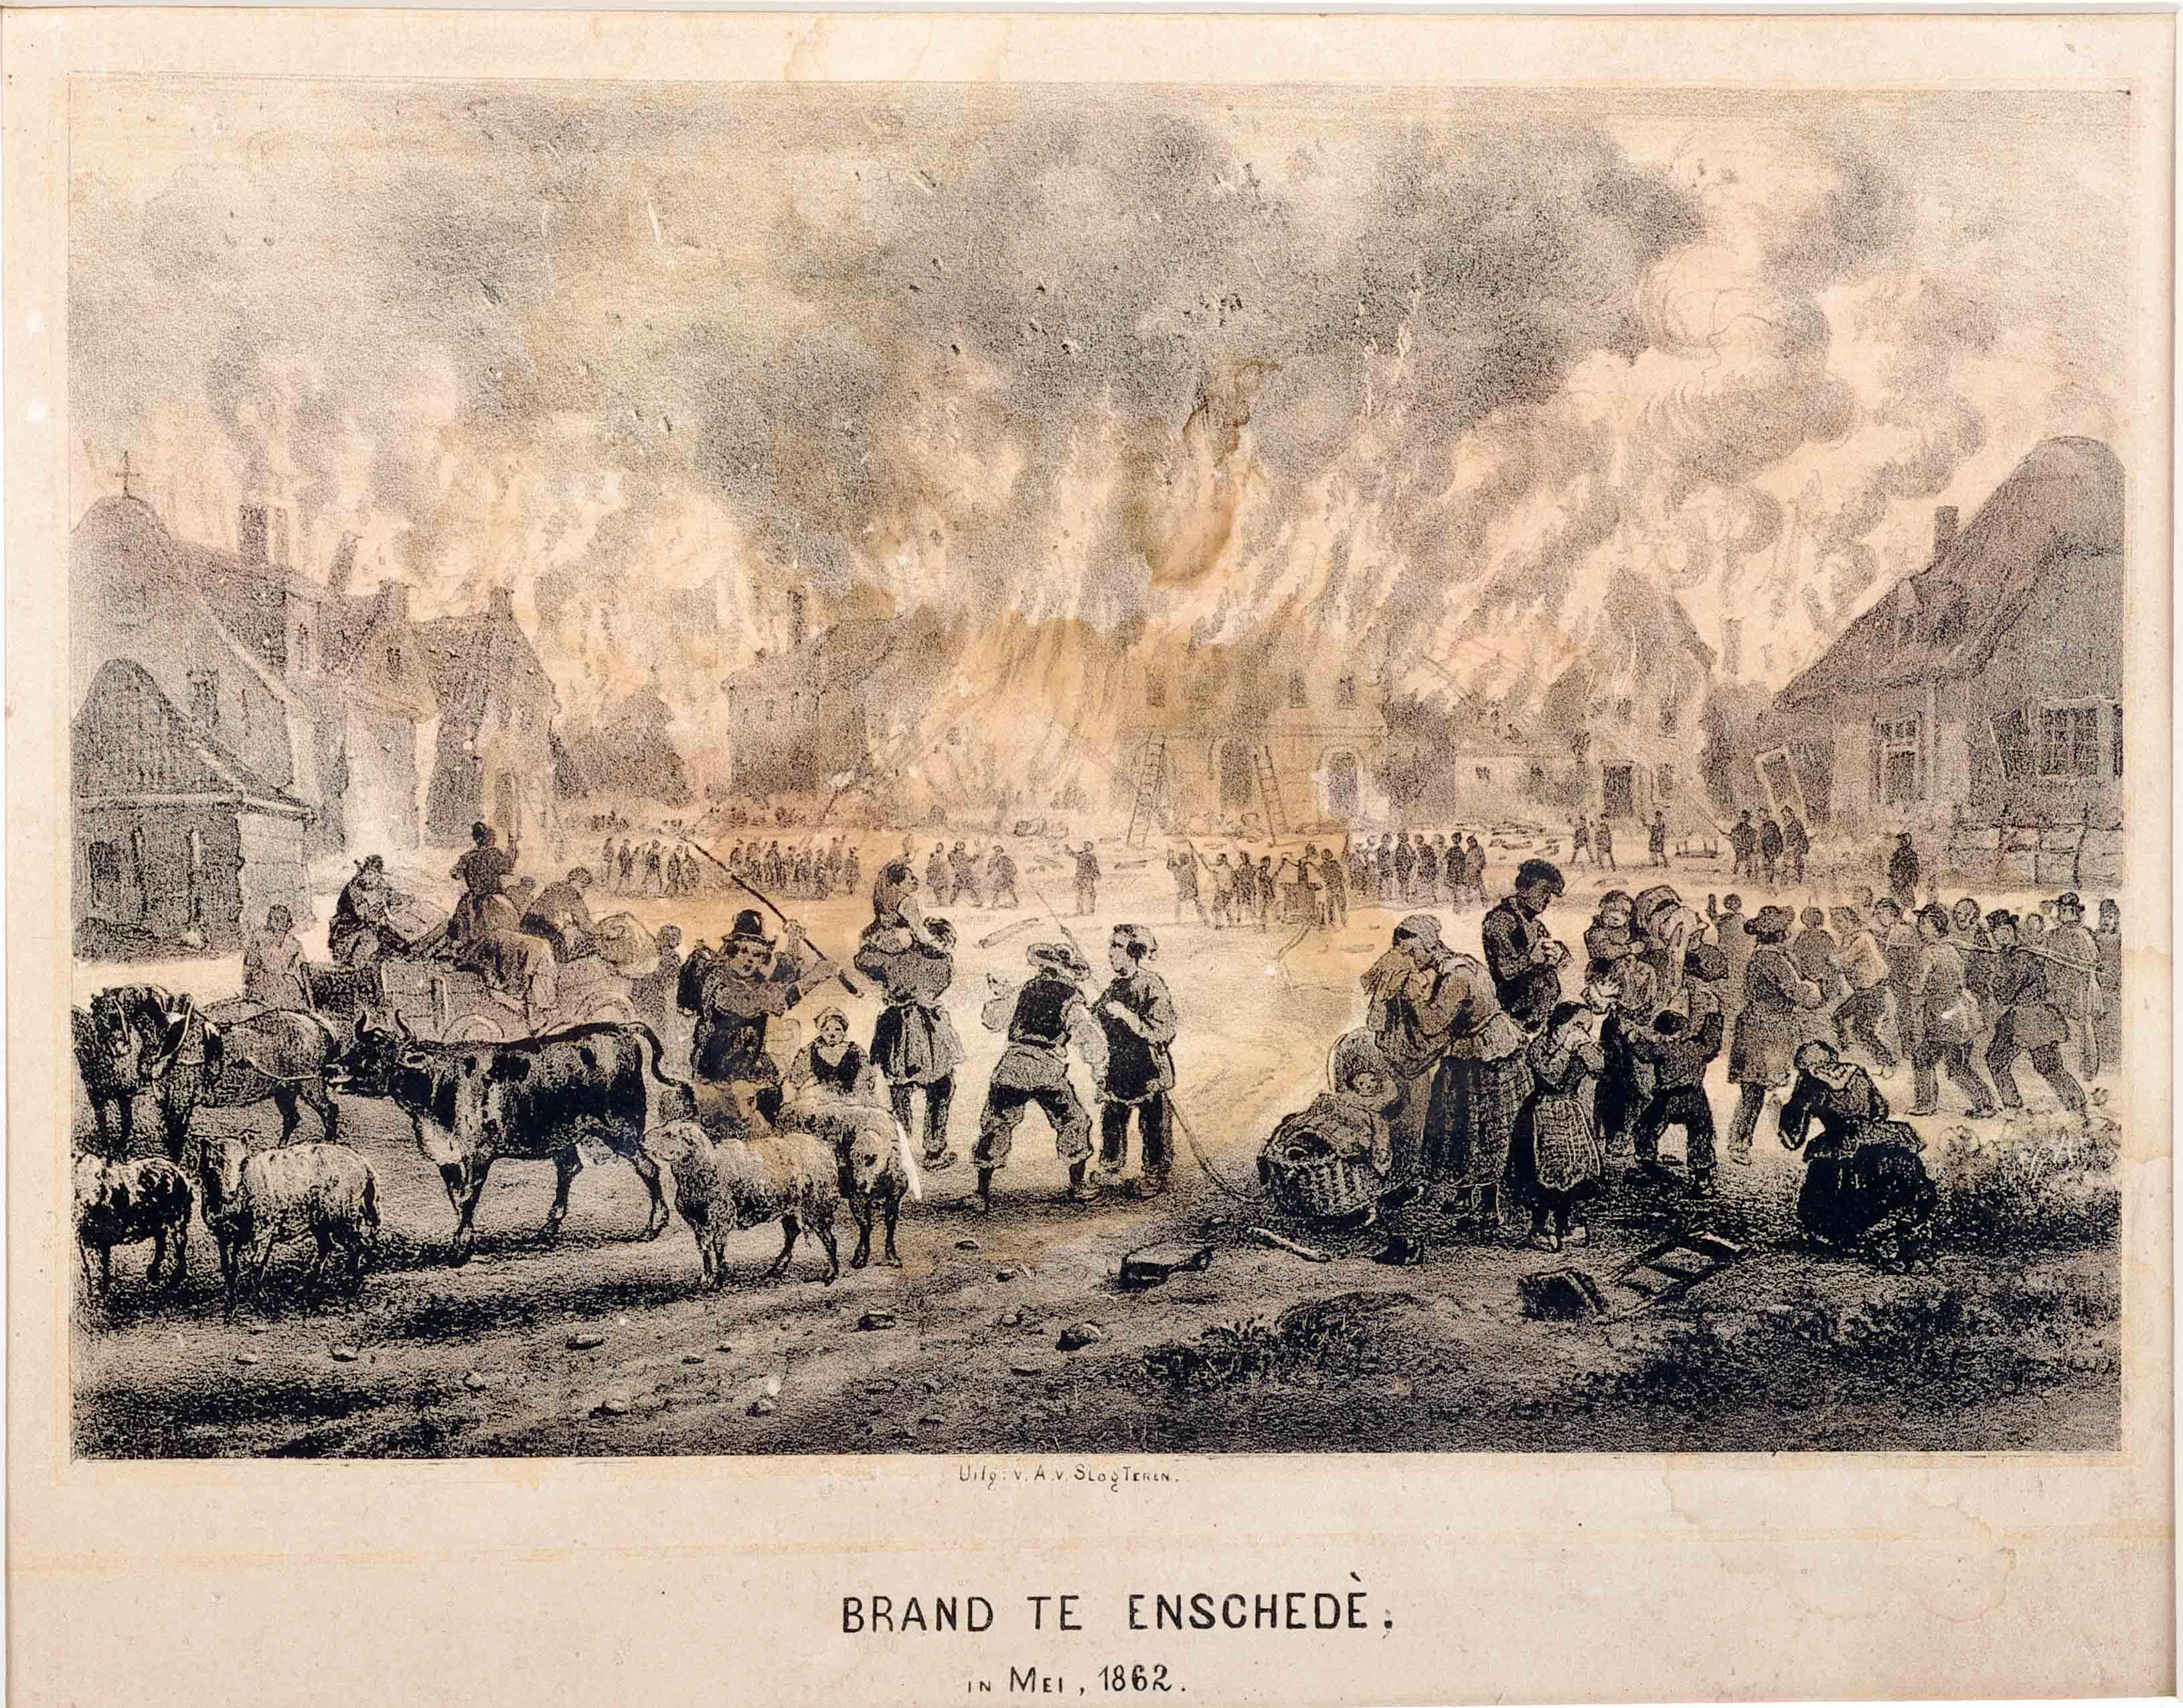 steendruk: Fantasie-afbeelding van een brandende stad of dorp met vluchtend vee en mensen. Enschede.